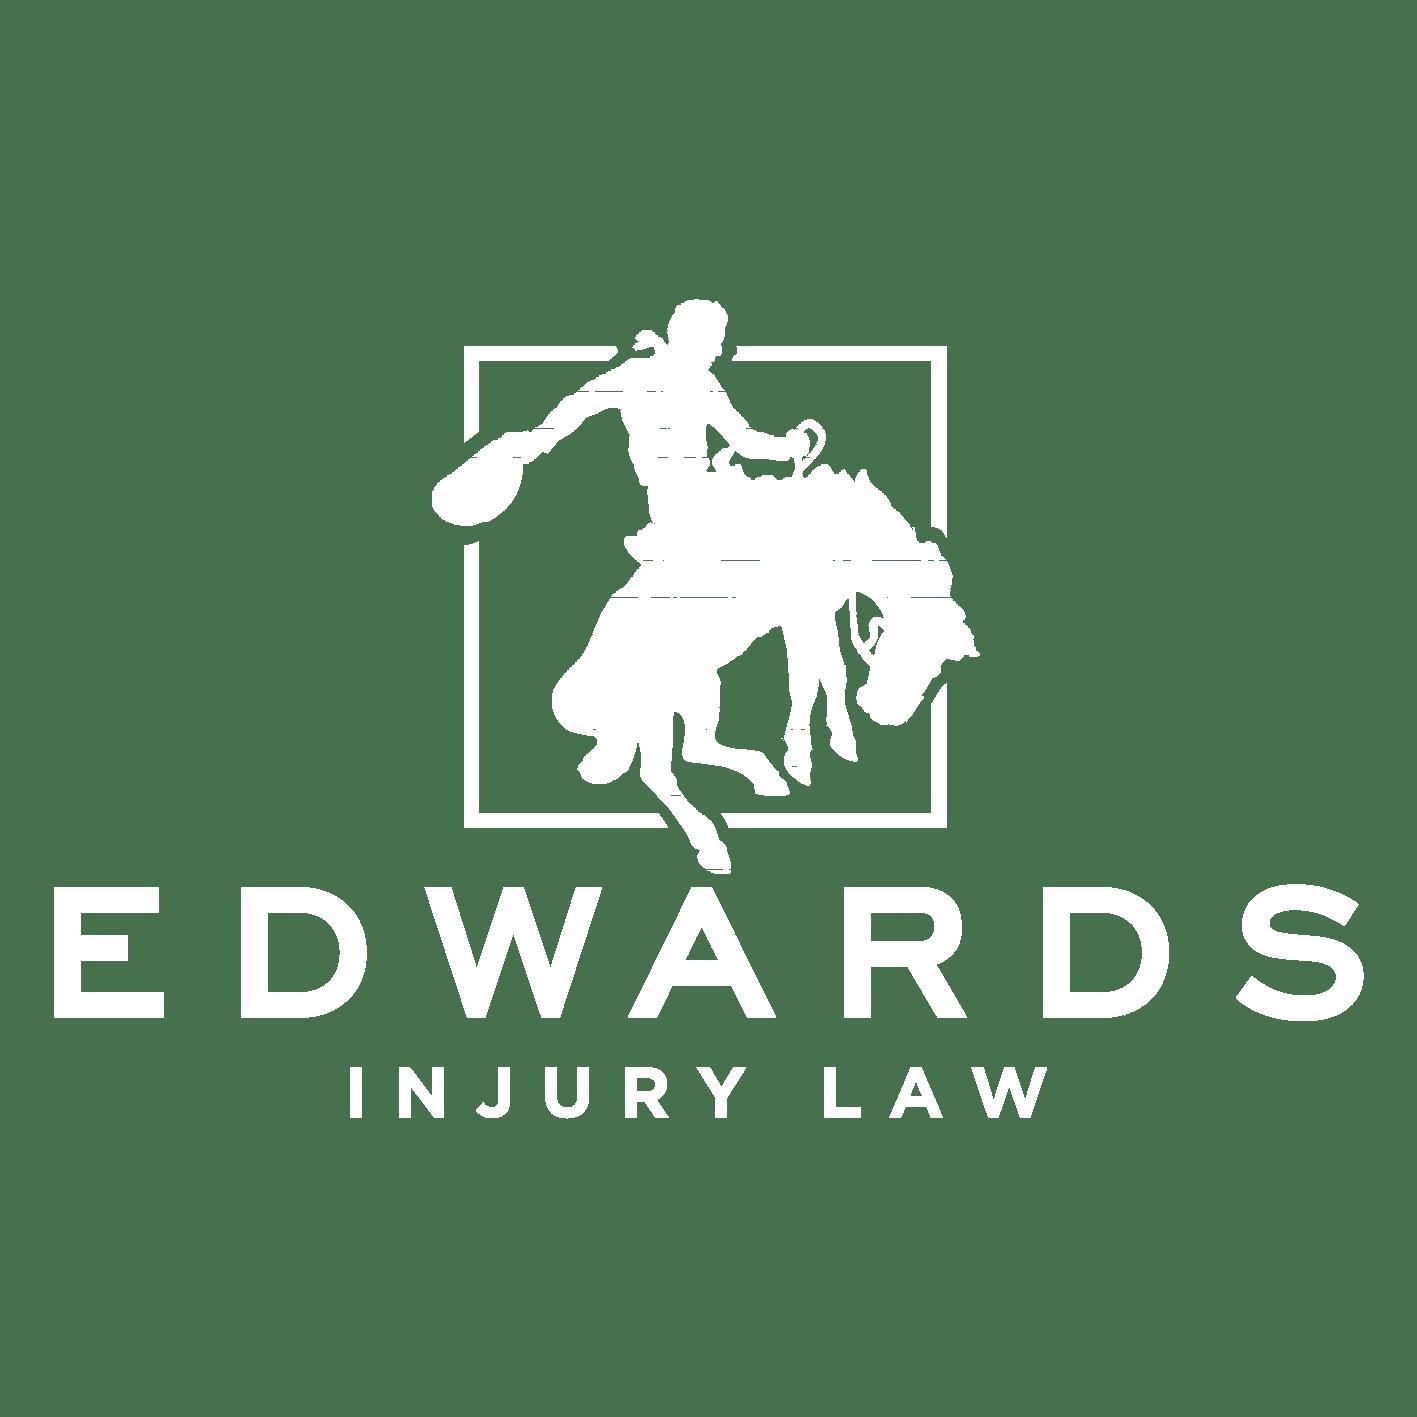 edwards injury law logo